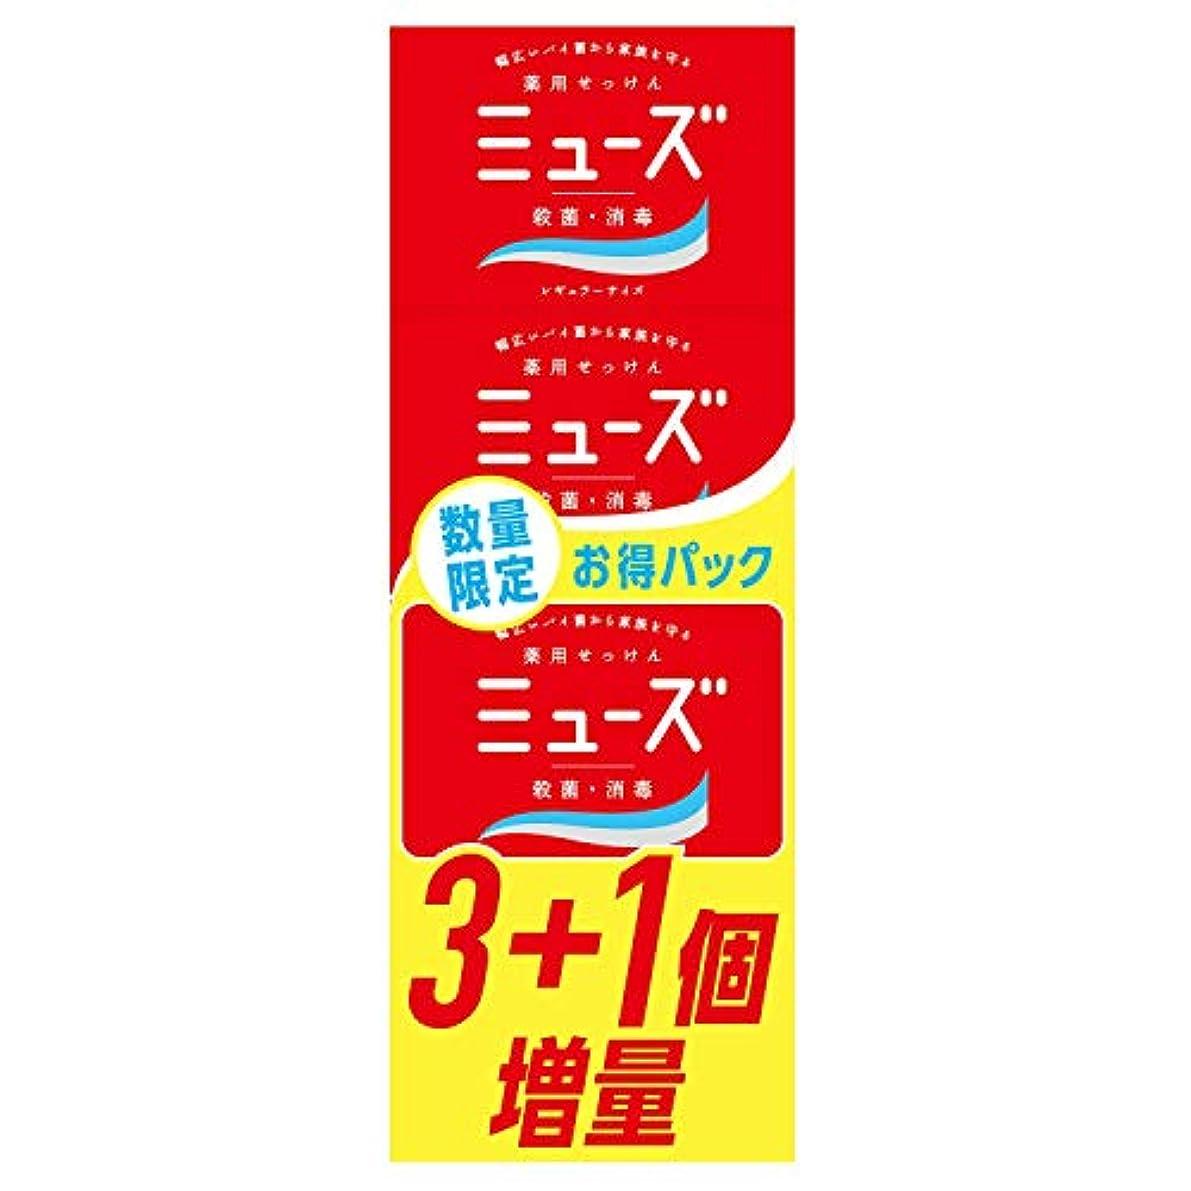 分子の配列とティーム【医薬部外品】ミューズ石鹸レギュラー 3+1限定品